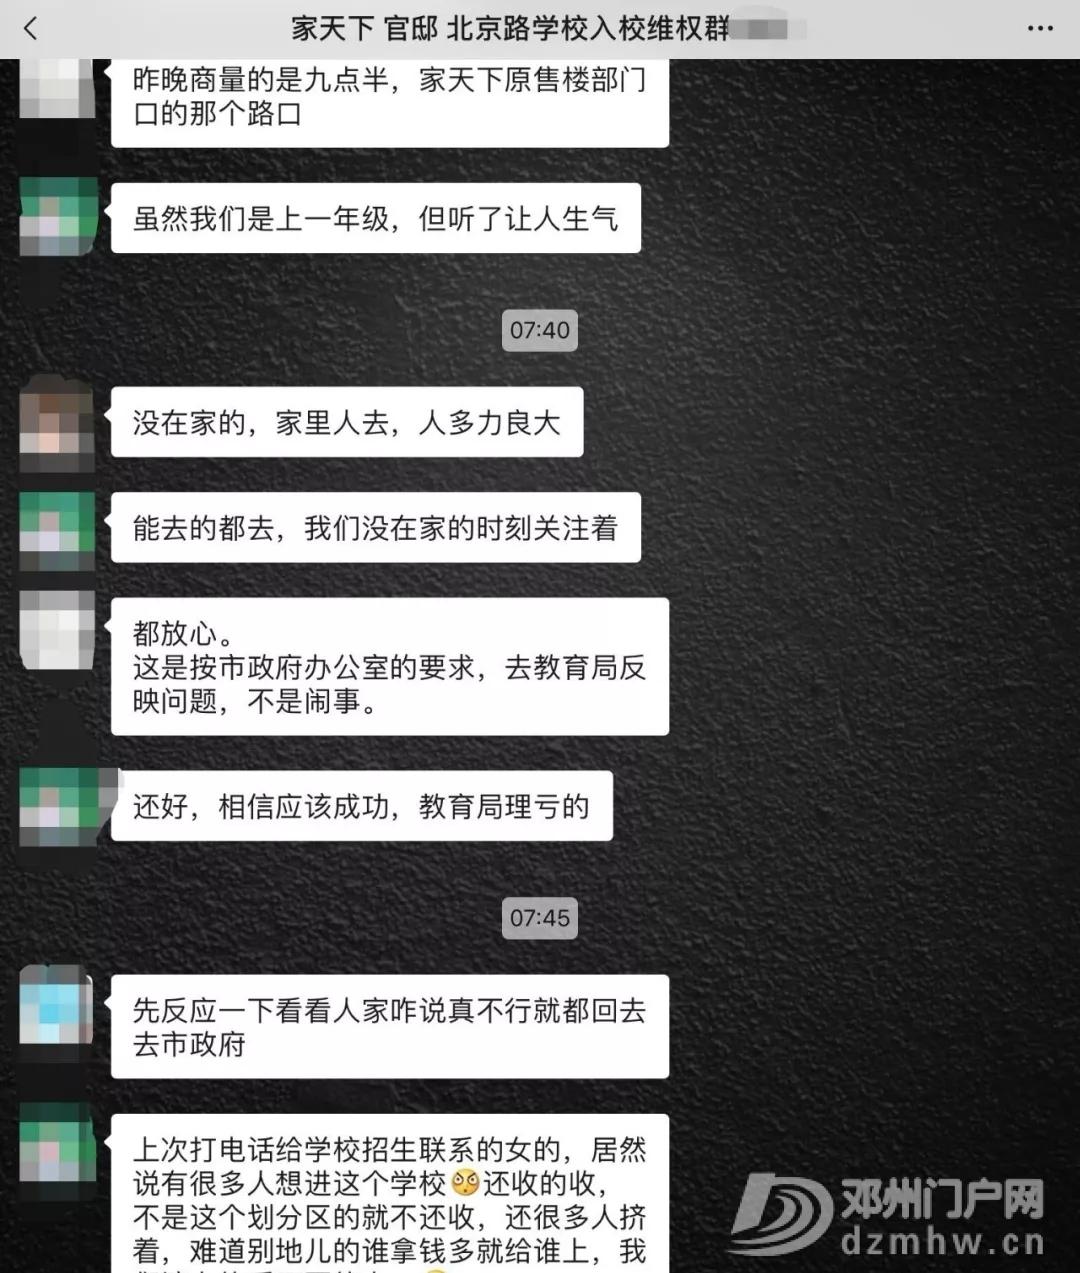 在邓州买了学区房,结果孩子却不能在附近学校上学,怨谁? - 邓州门户网|邓州网 - 640.webp8_WPS图片.jpg